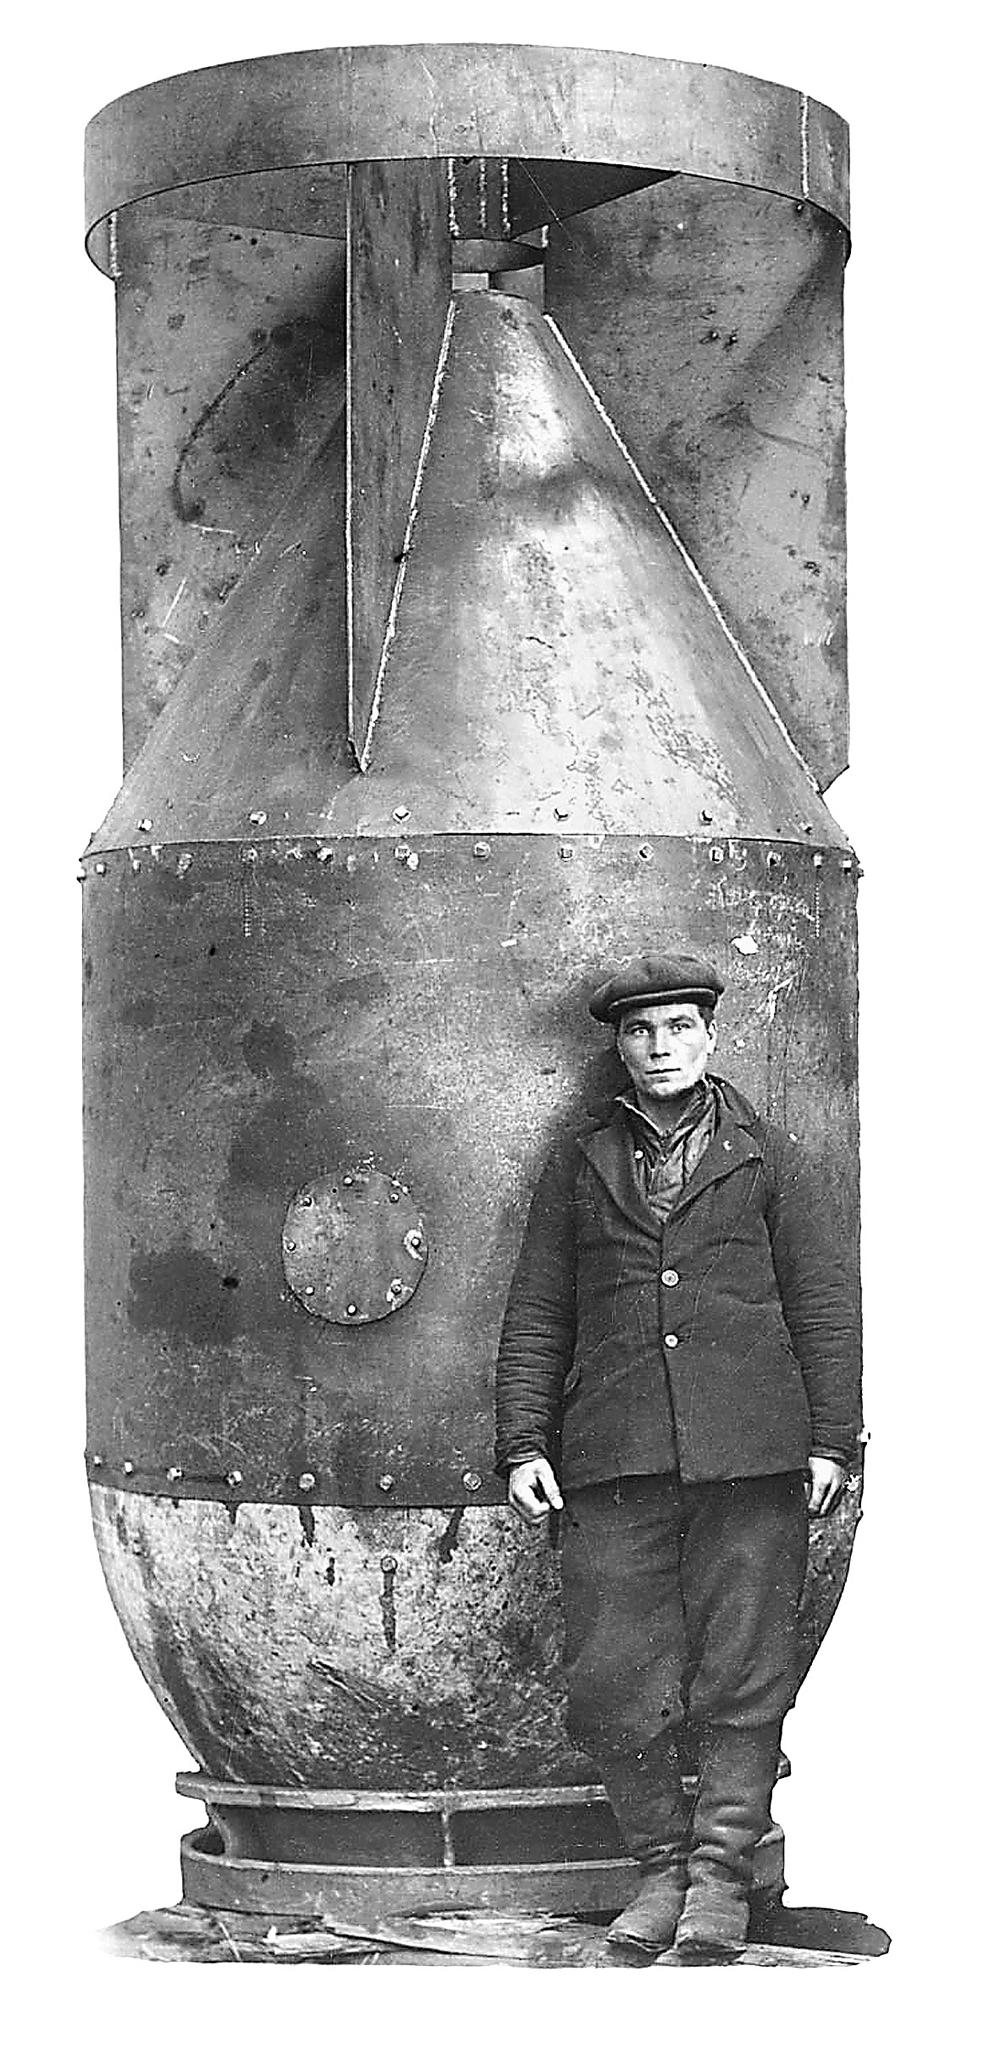 Корпус первой советской атомной бомбы «изделие 501». Для наглядности рядом позирует рабочий.